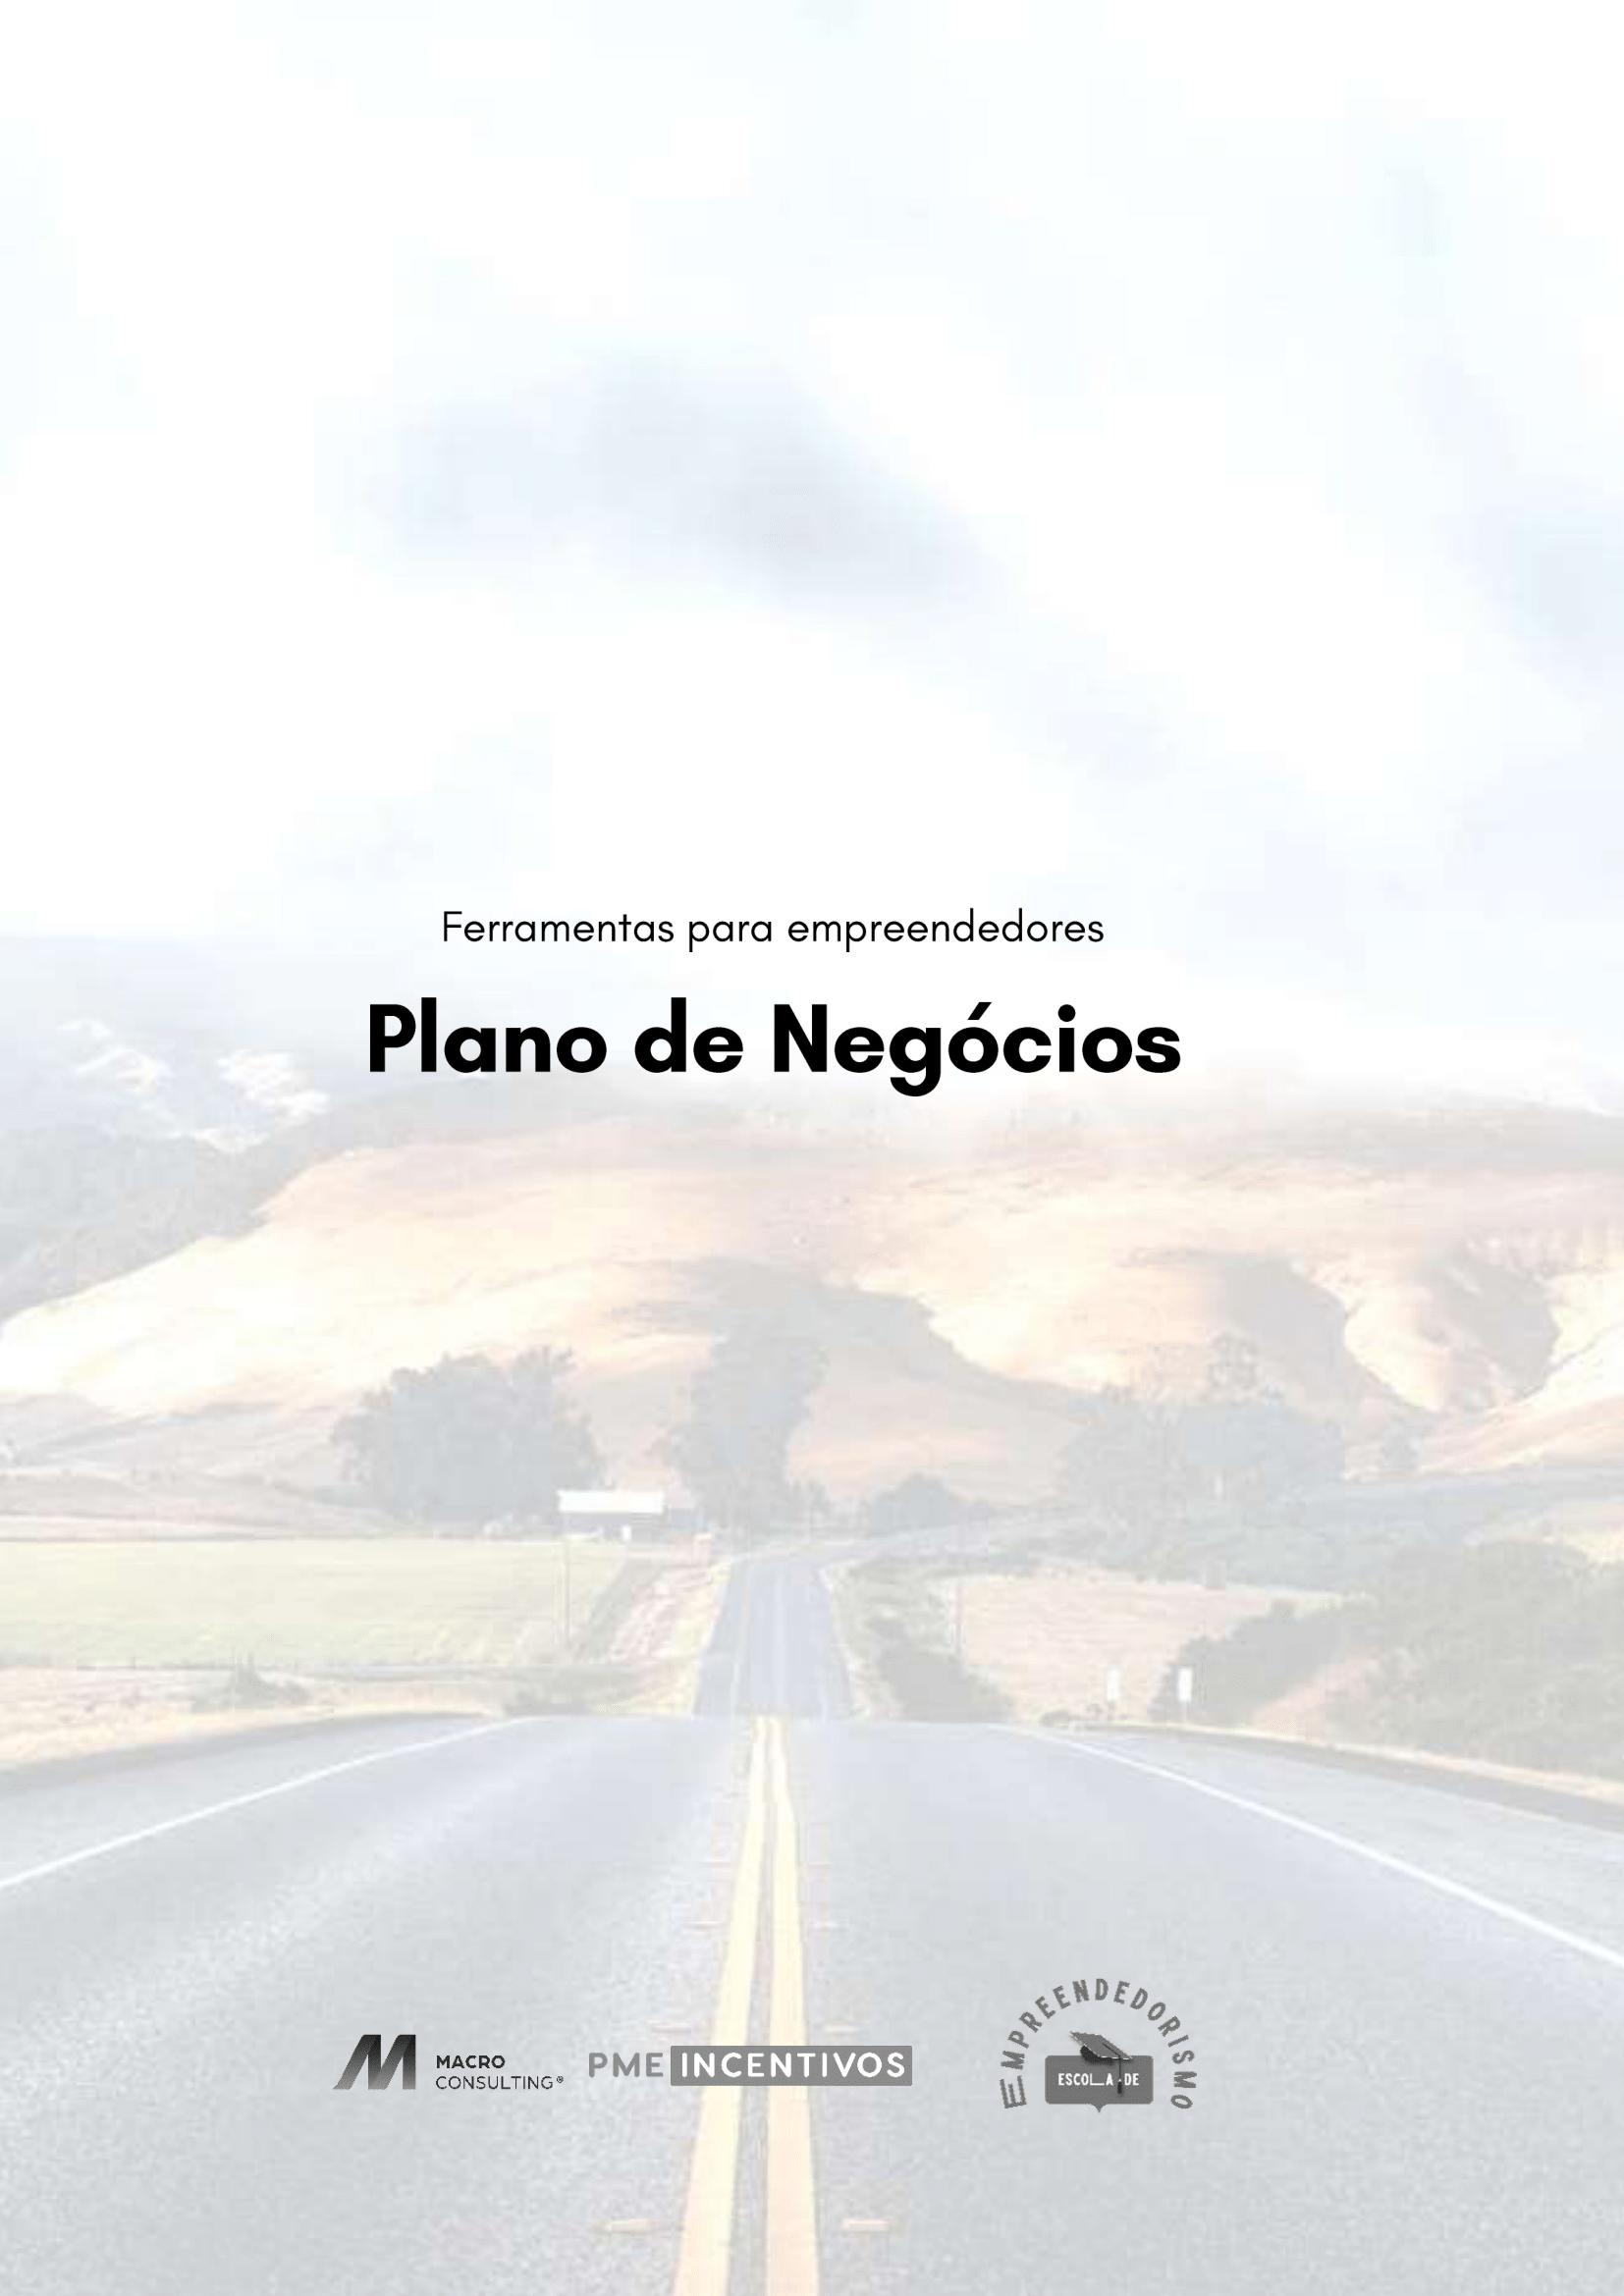 Planodenegocios